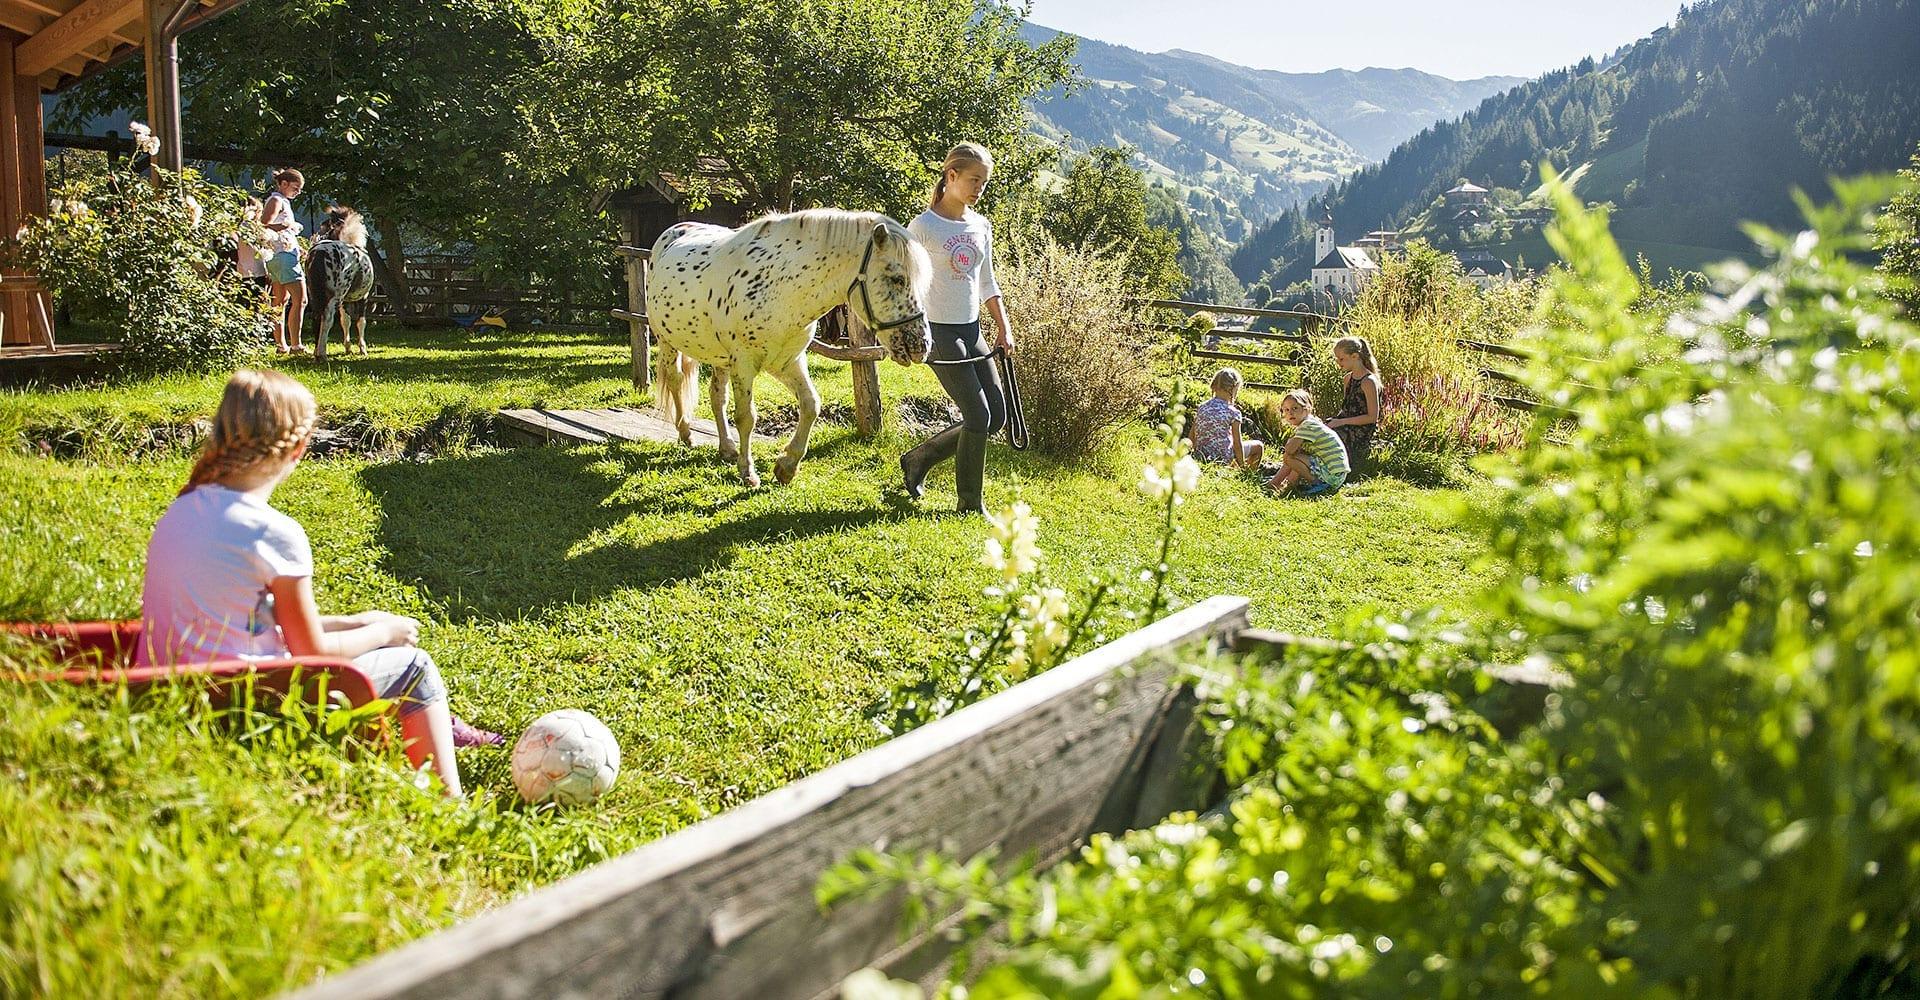 Erlebnis-Bauernhof in Großarl, Salzburger Land